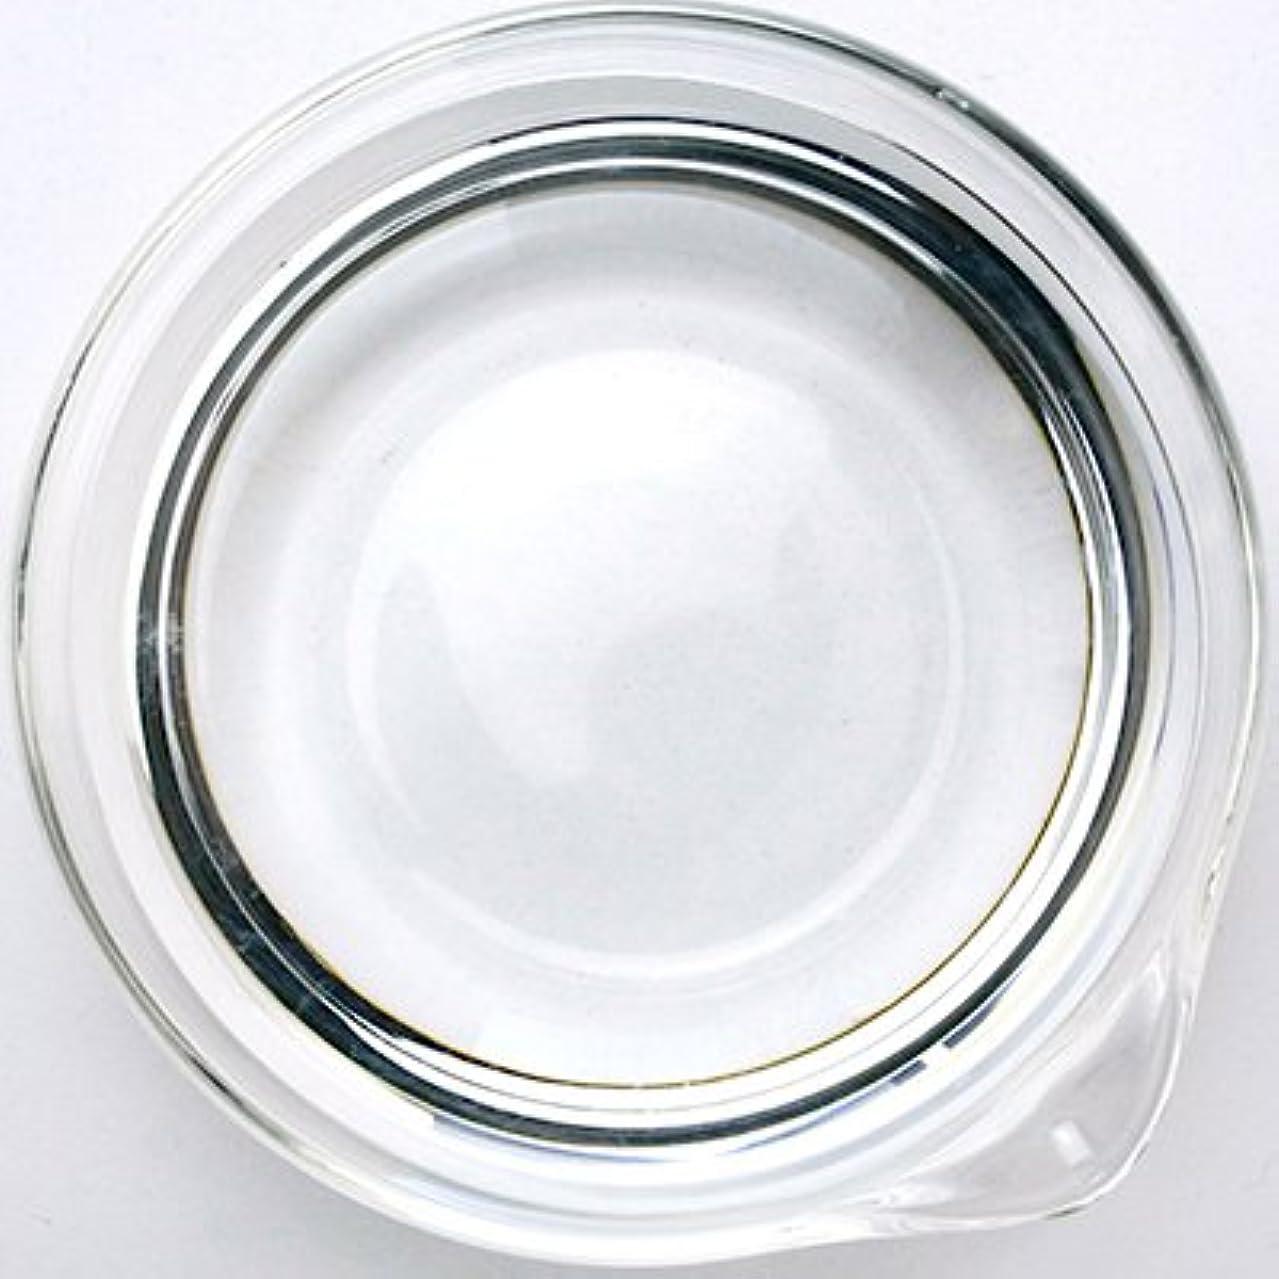 計算継続中病的1,2-ヘキサンジオール 100ml 【防腐剤/抗菌剤/保湿剤/手作りコスメ】